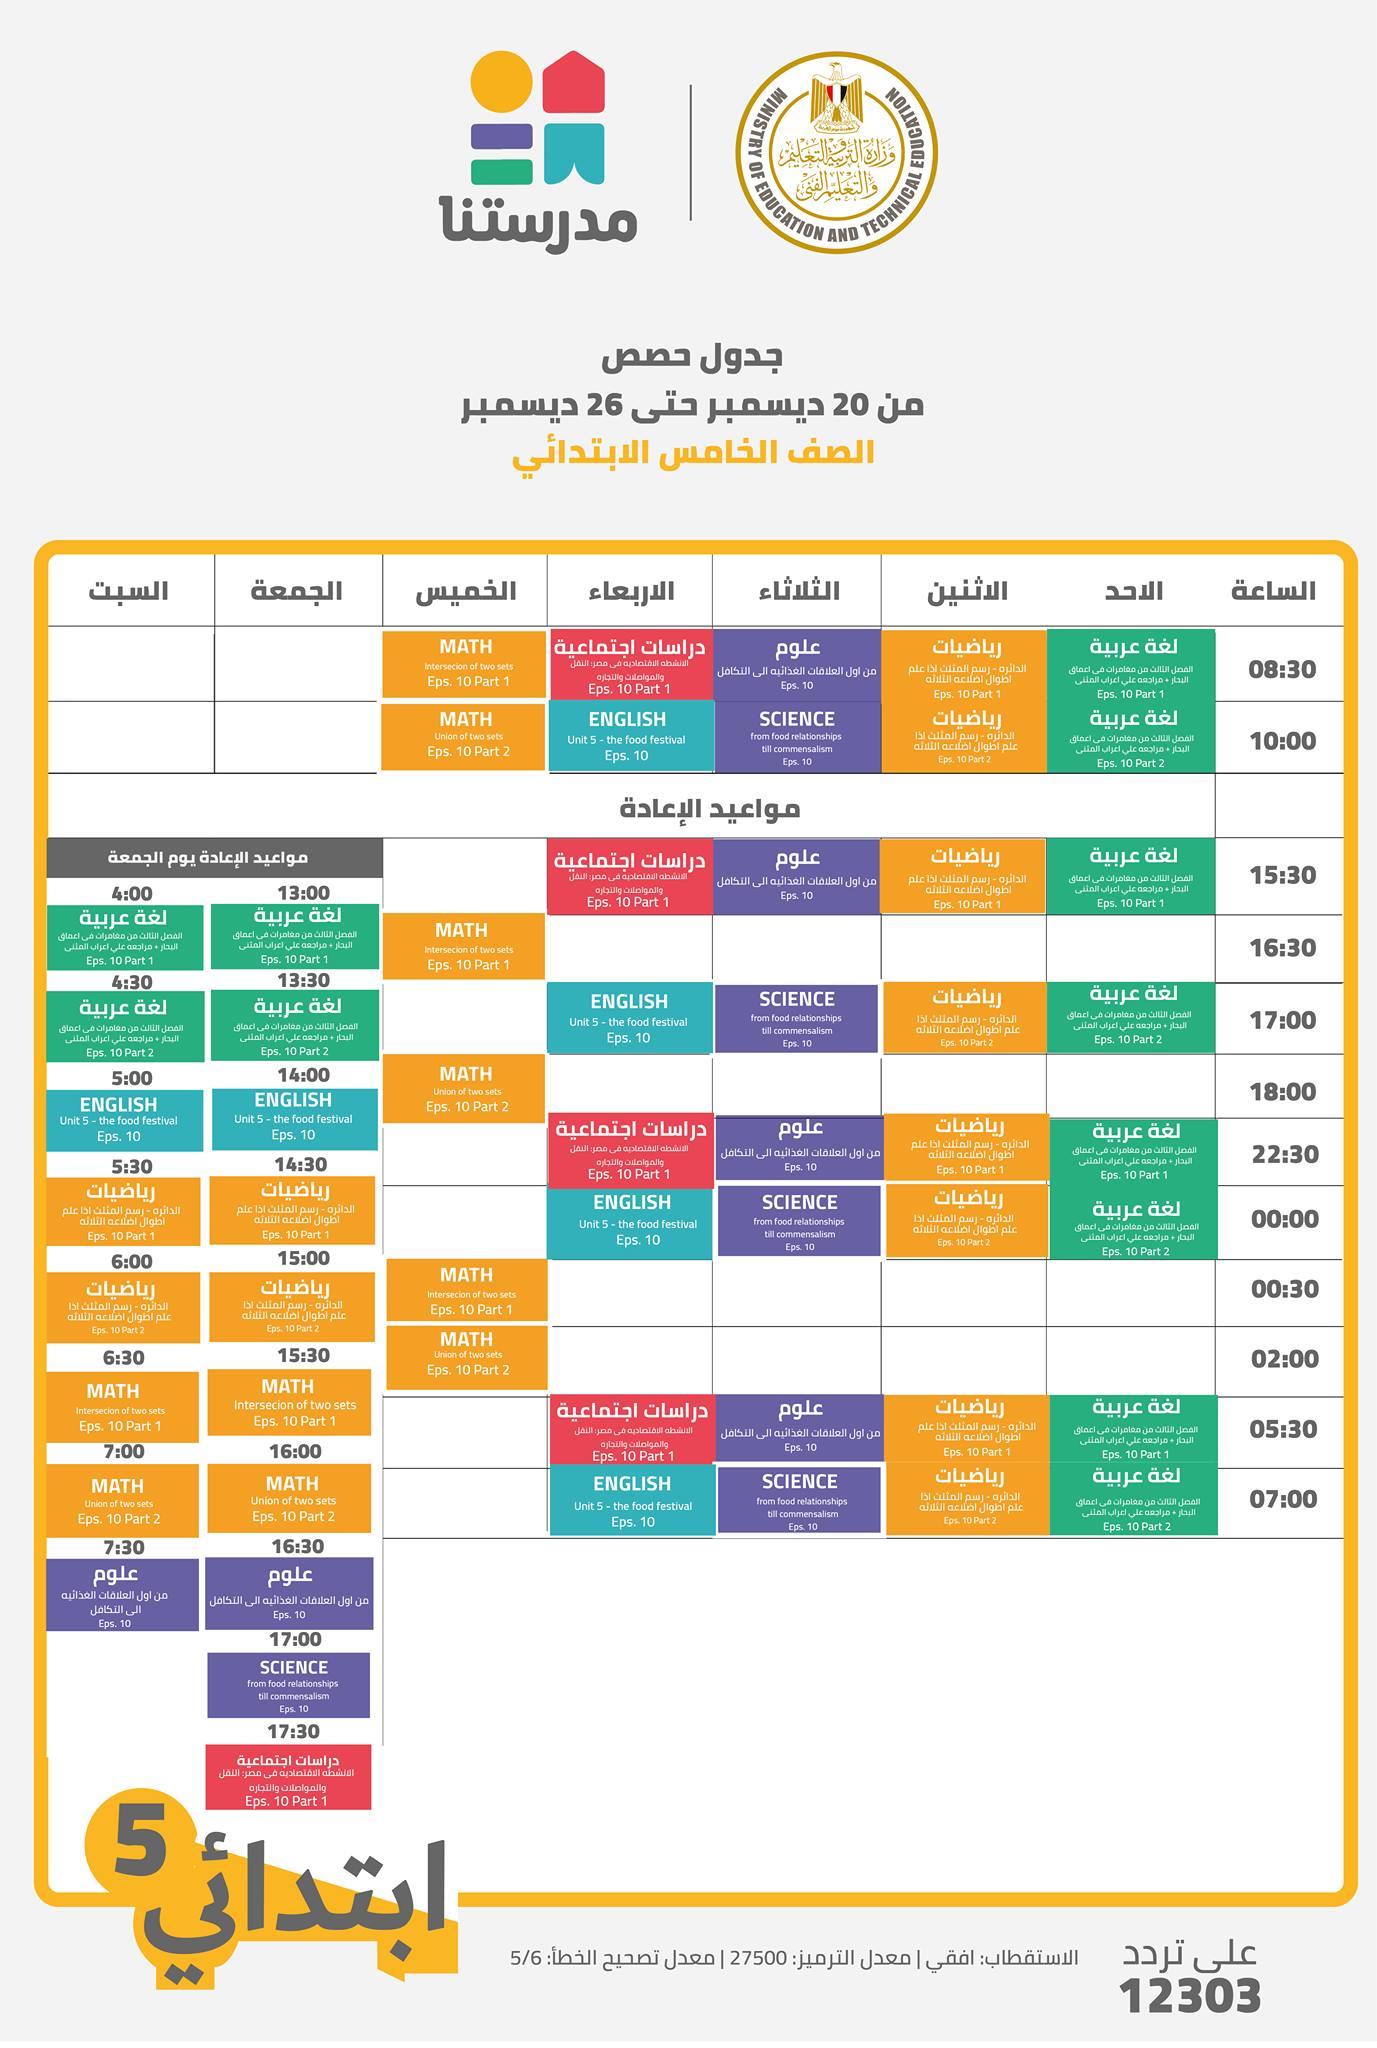 جدول مواعيد البرامج التعليمية للصف الخامس الإعدادي علي قناة مدرستنا